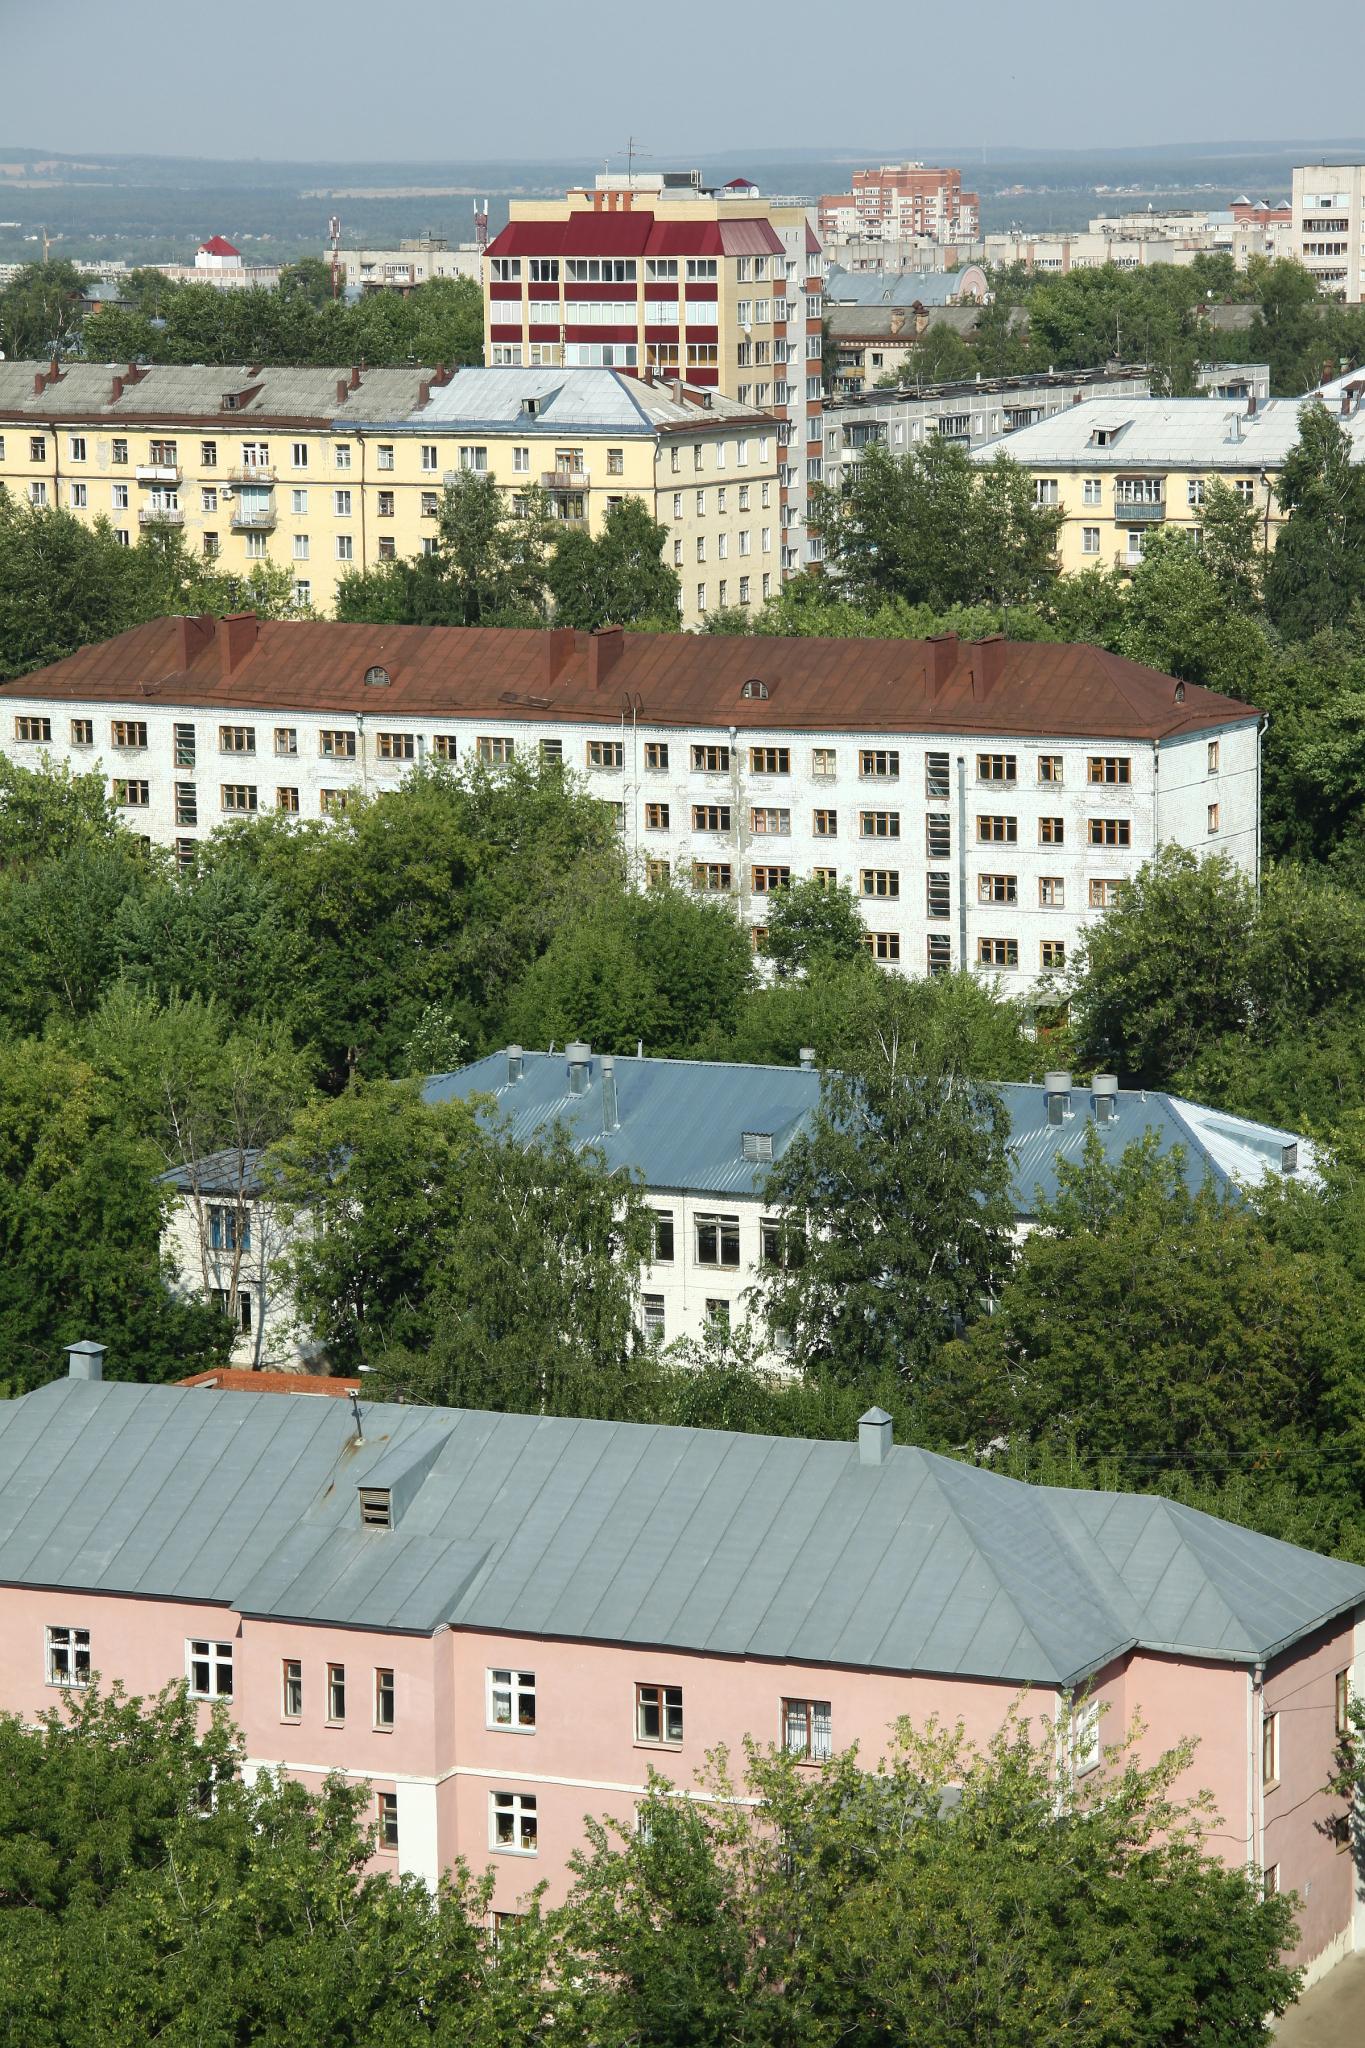 Прогноз погоды: какими будут выходные в Кирово-Чепецке?